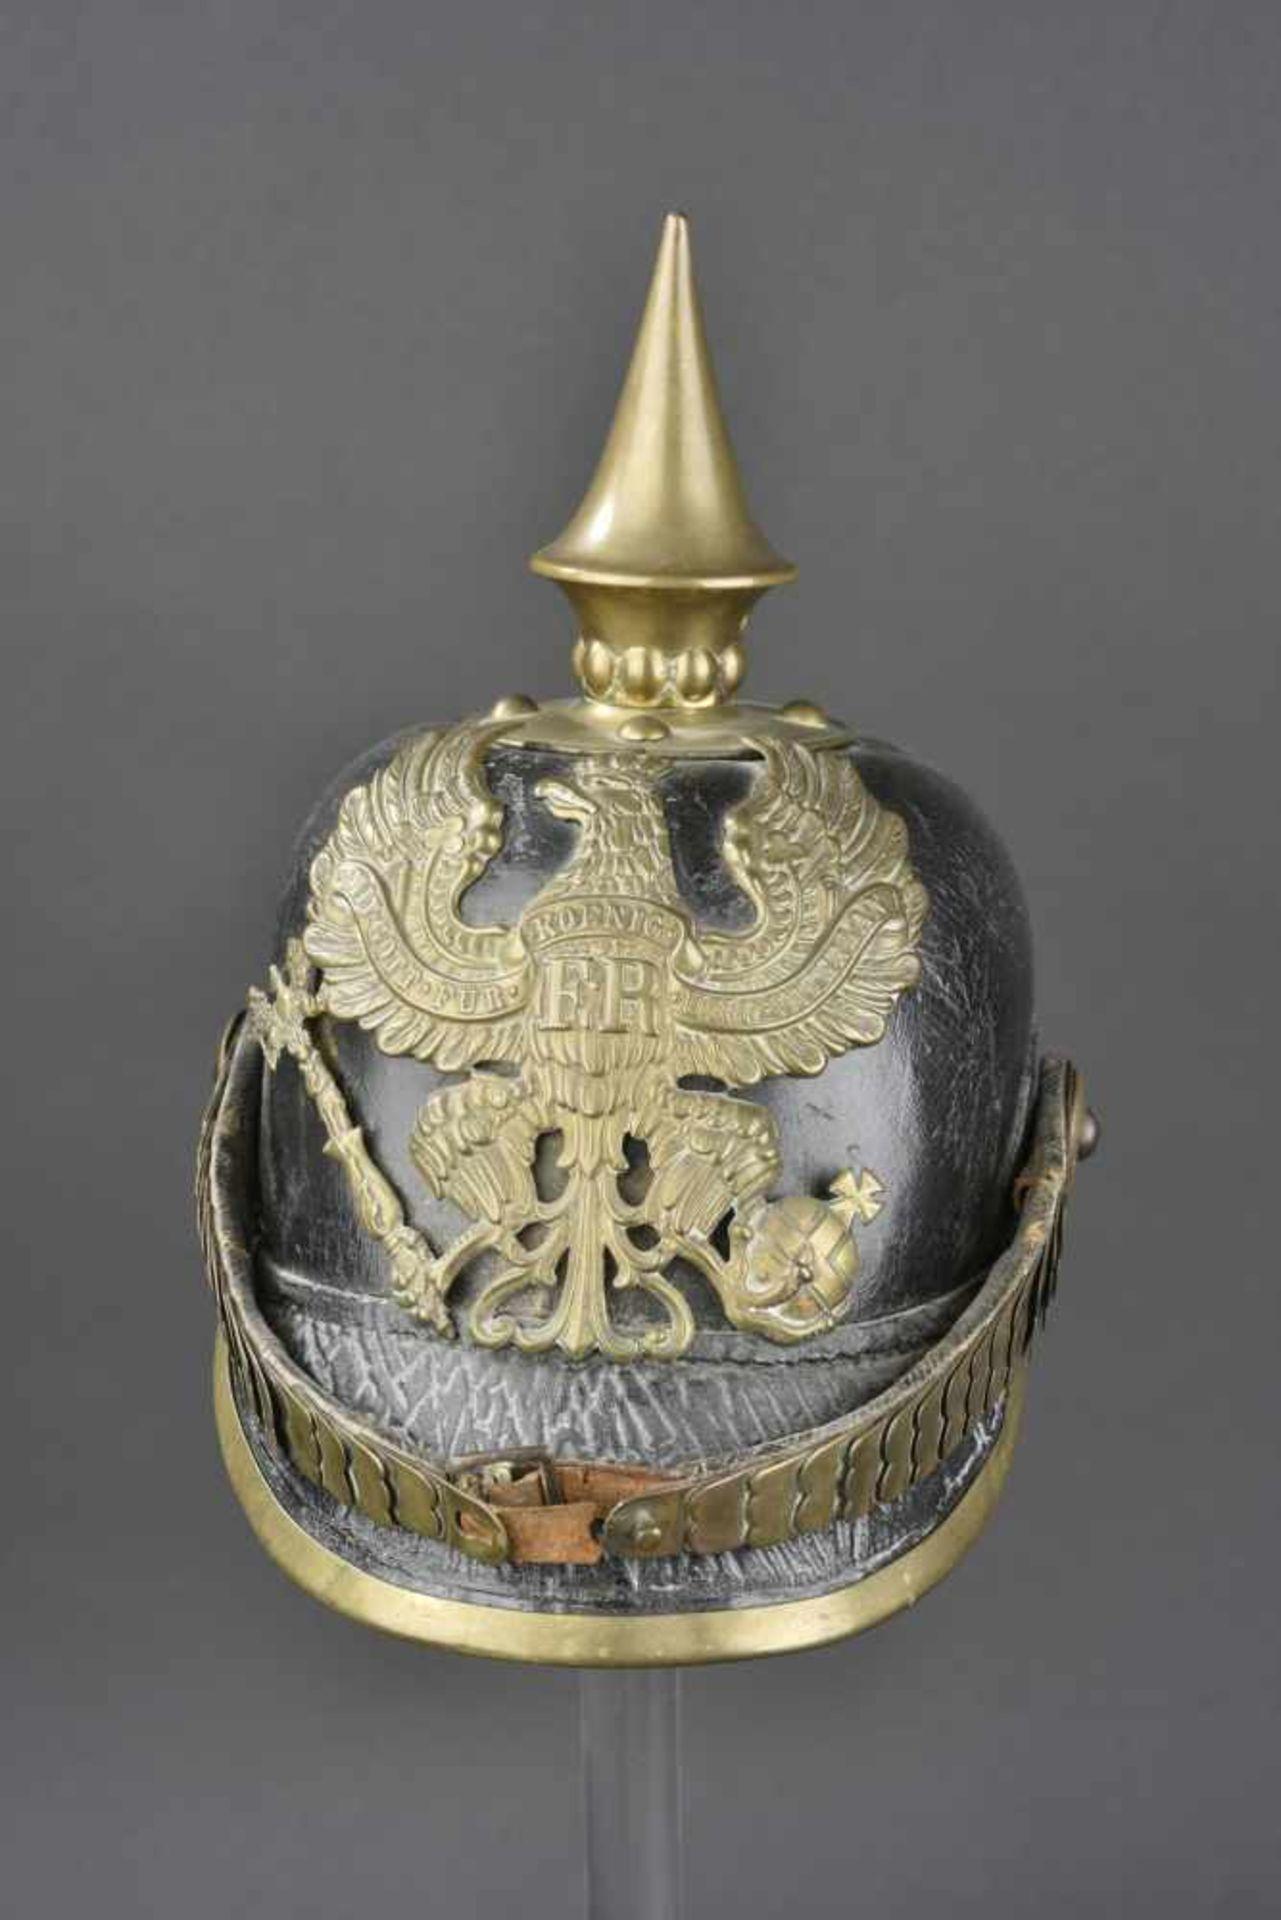 PRUSSE Casque à pointe de troupe de l'infanterie Prussienne, modèle 1867/71 Ce type de casque a